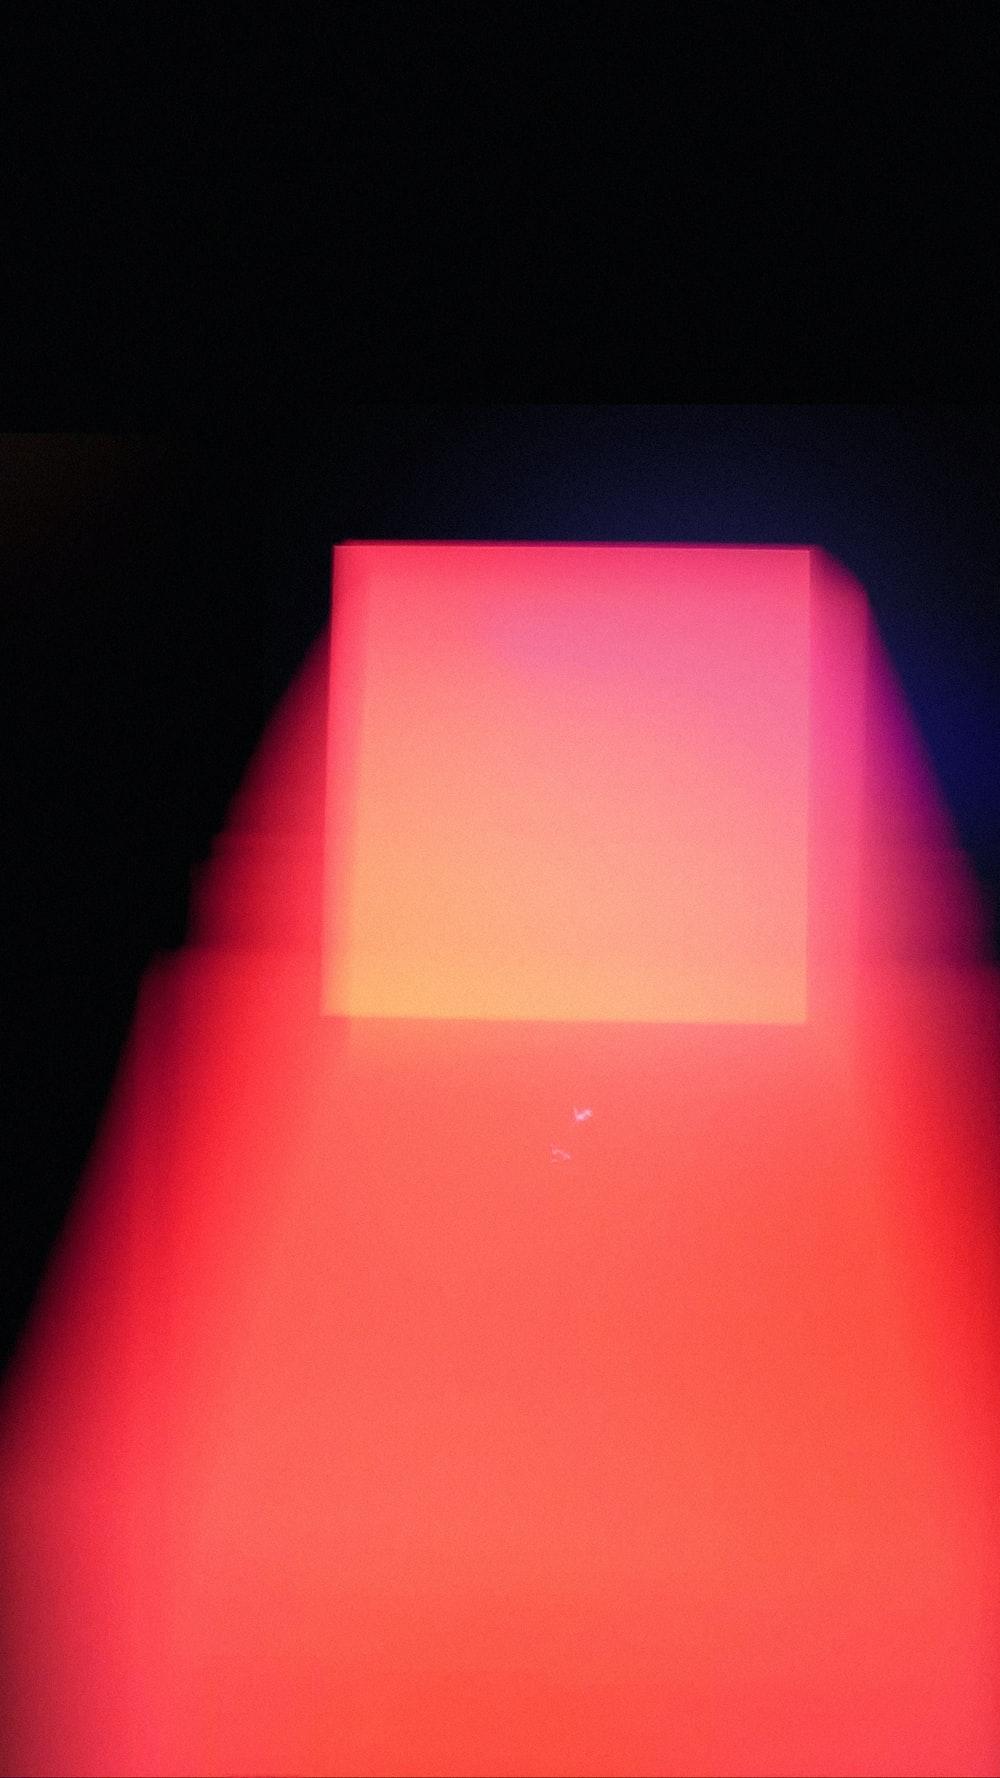 pink rectangular paper on black surface